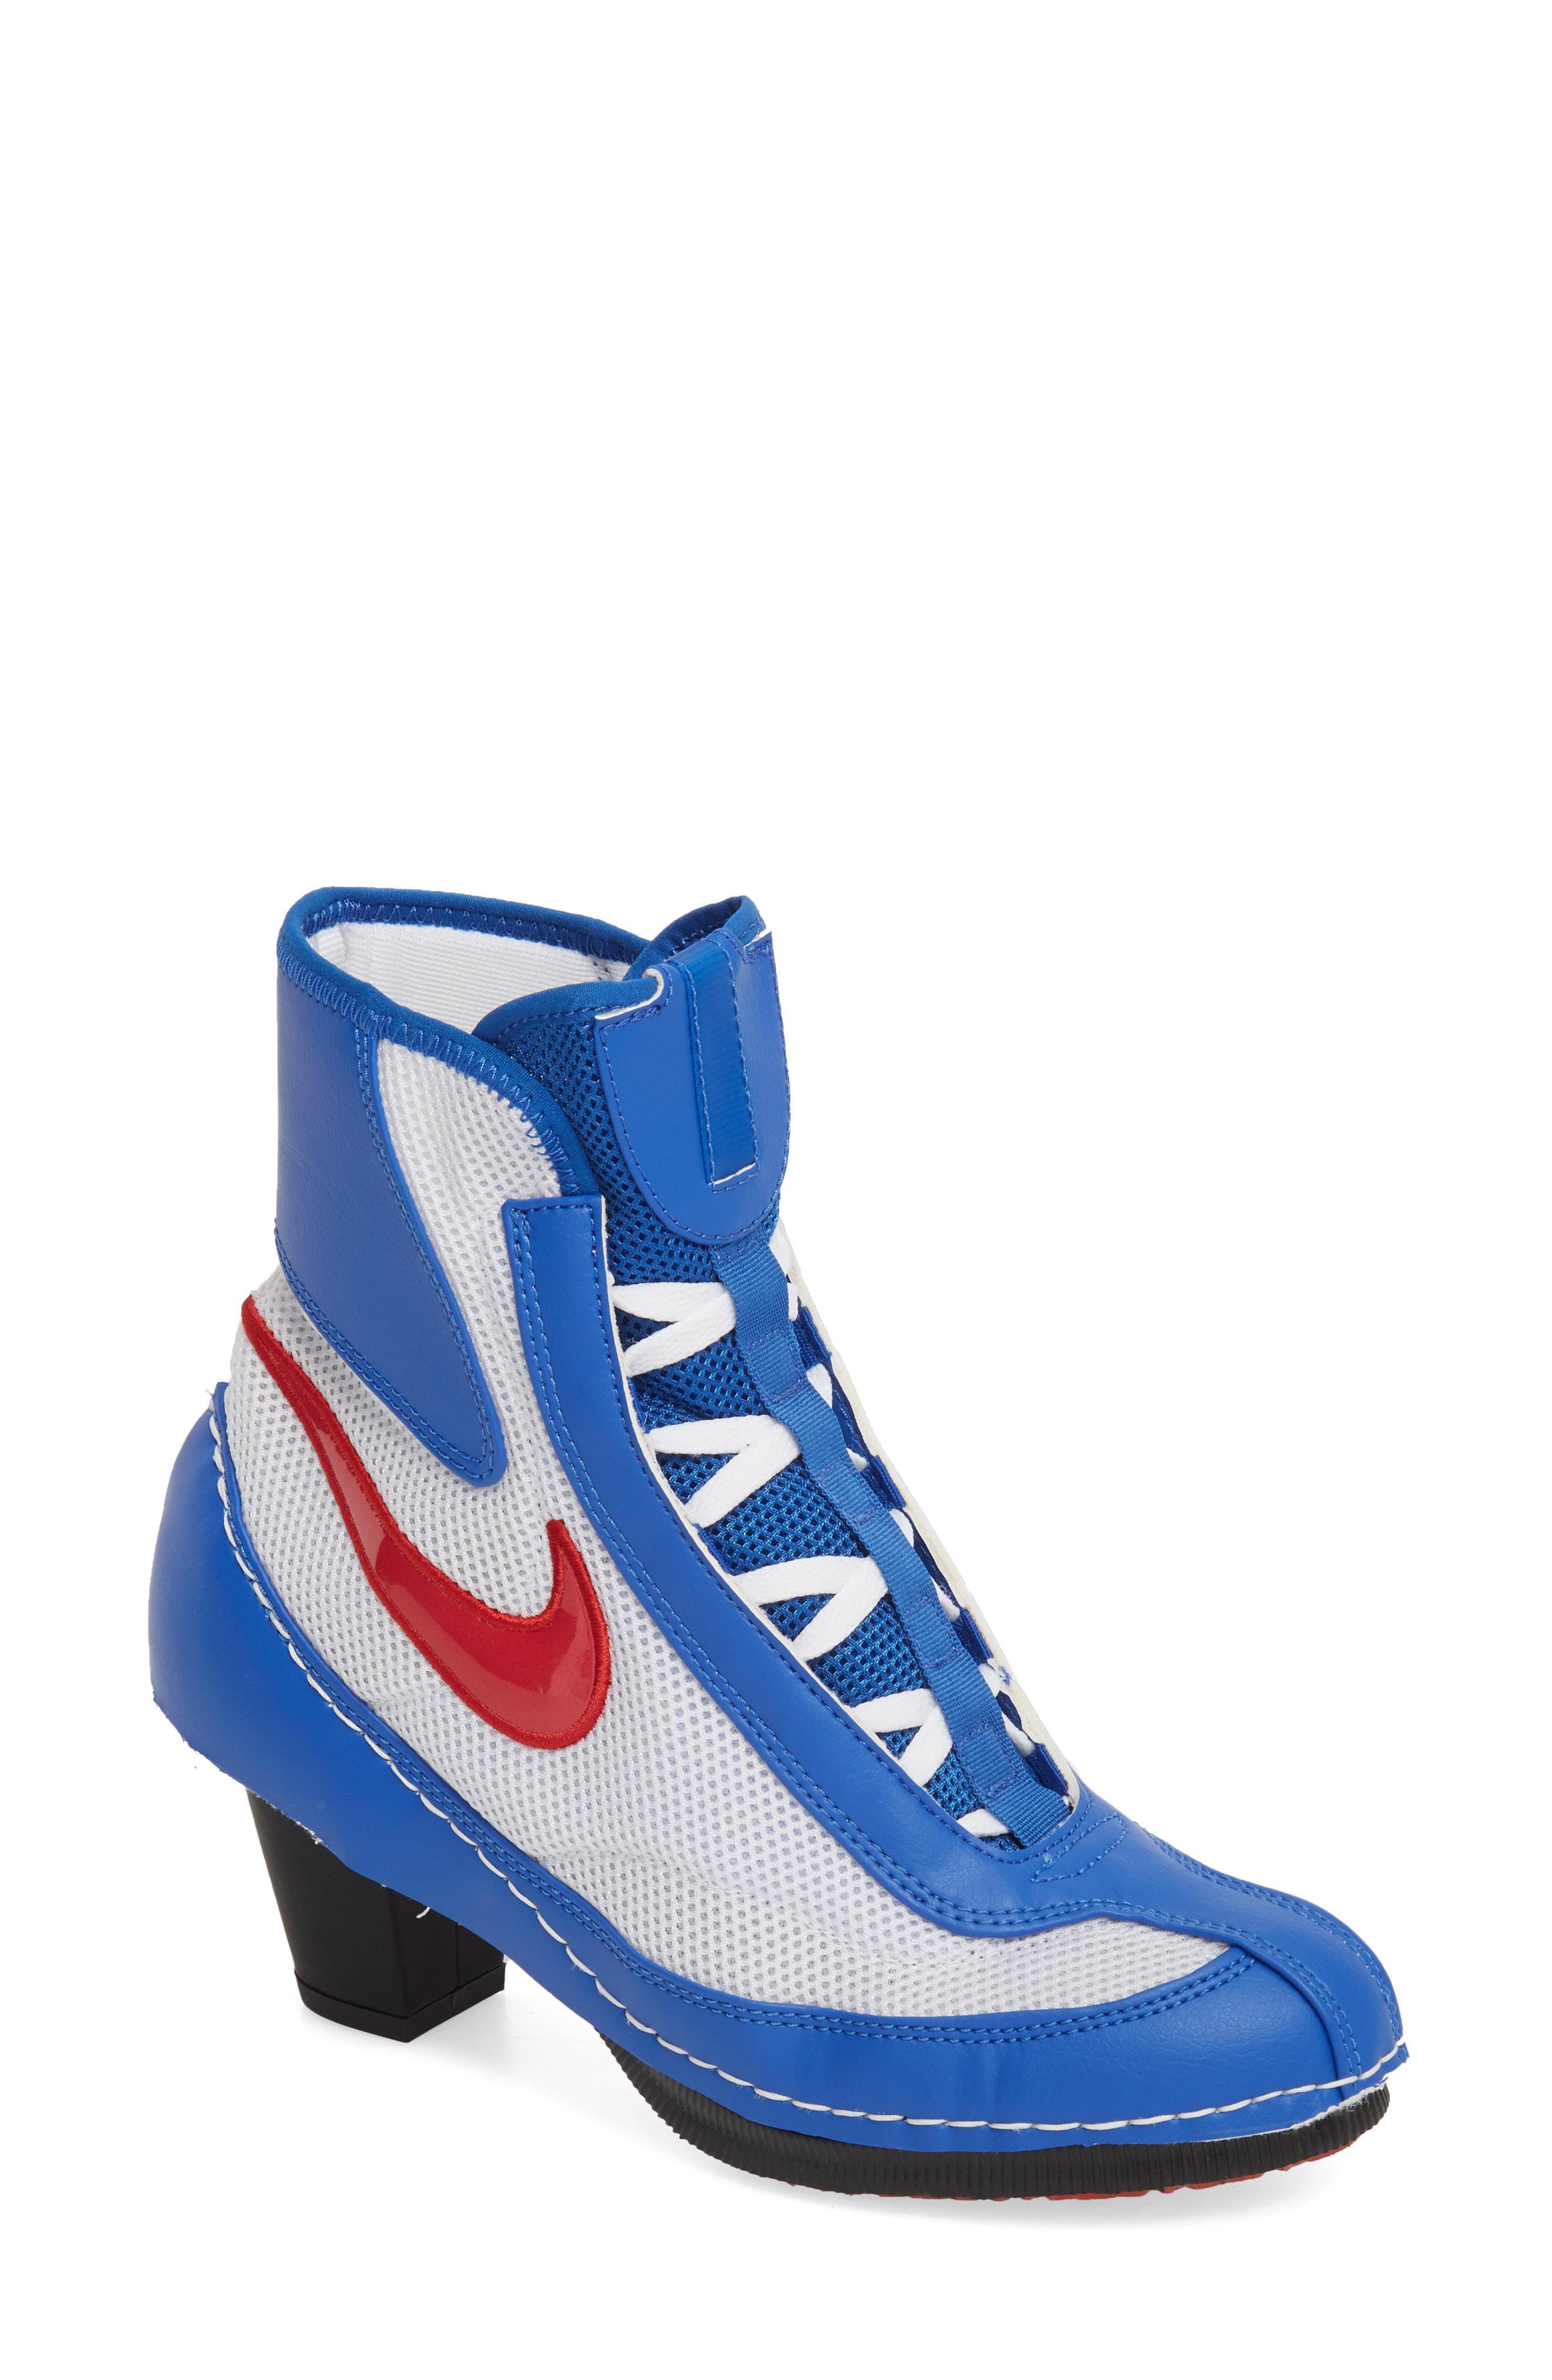 official photos c60b2 8d2d8 Comme des Garçons. Women s Blue Heeled Machomai Boxing Boot